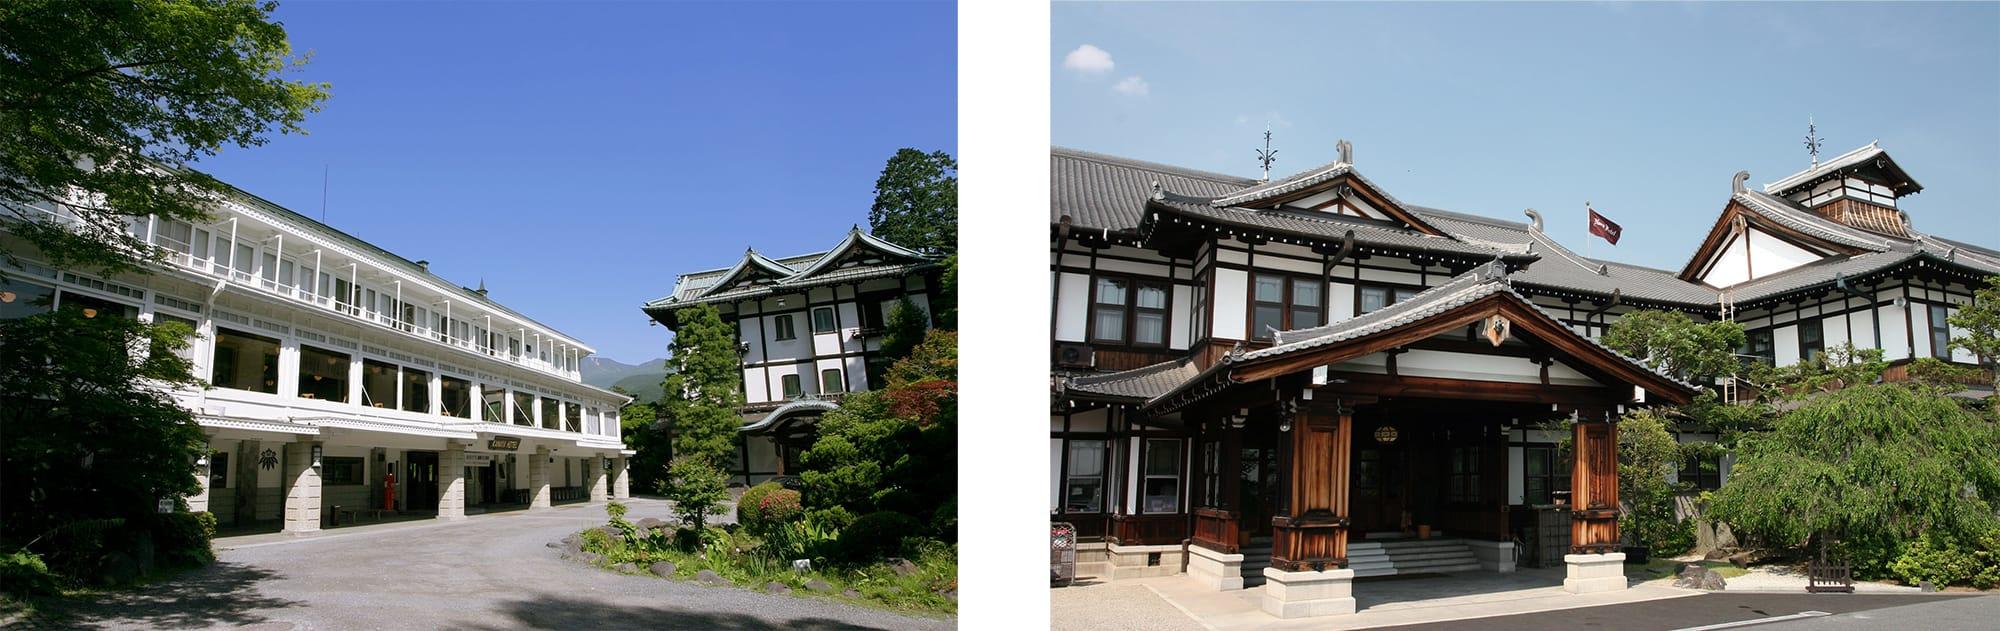 左:国内外の要人に愛され続けている日本最古のリゾートホテル、日光金谷ホテル。右:古都の街並みと調和した「関西の迎賓館」、奈良ホテル。